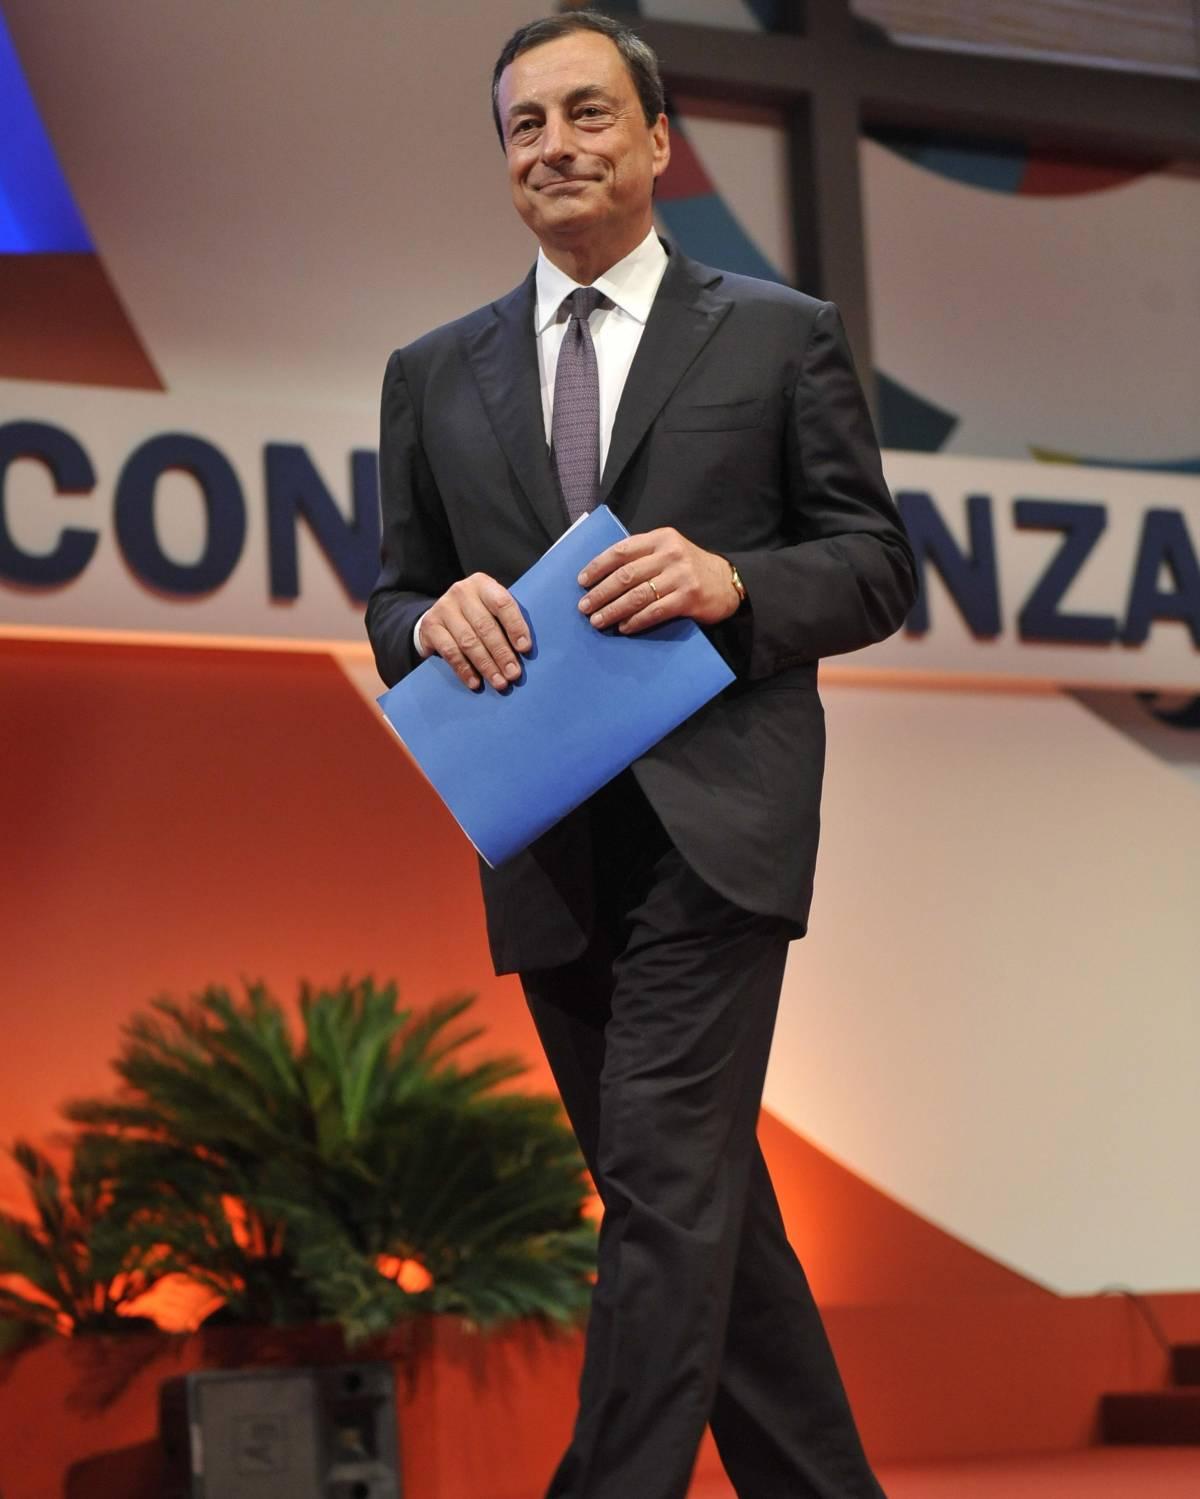 Frattini: «Draghi alla Bce sarebbe un onore» Corsa a due con Weber